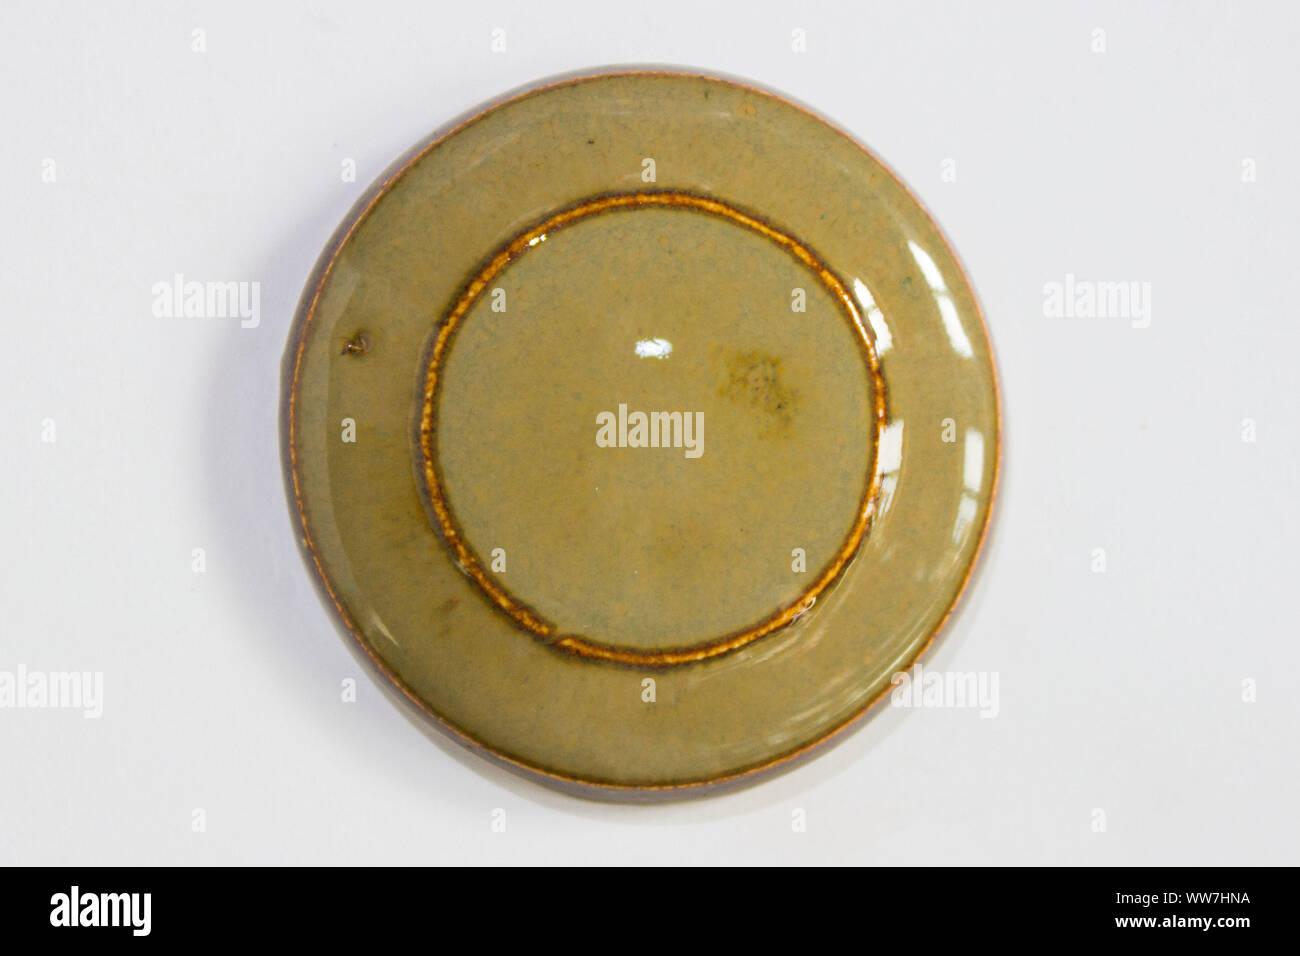 round clay probe with tobacco glossy glaze Stock Photo